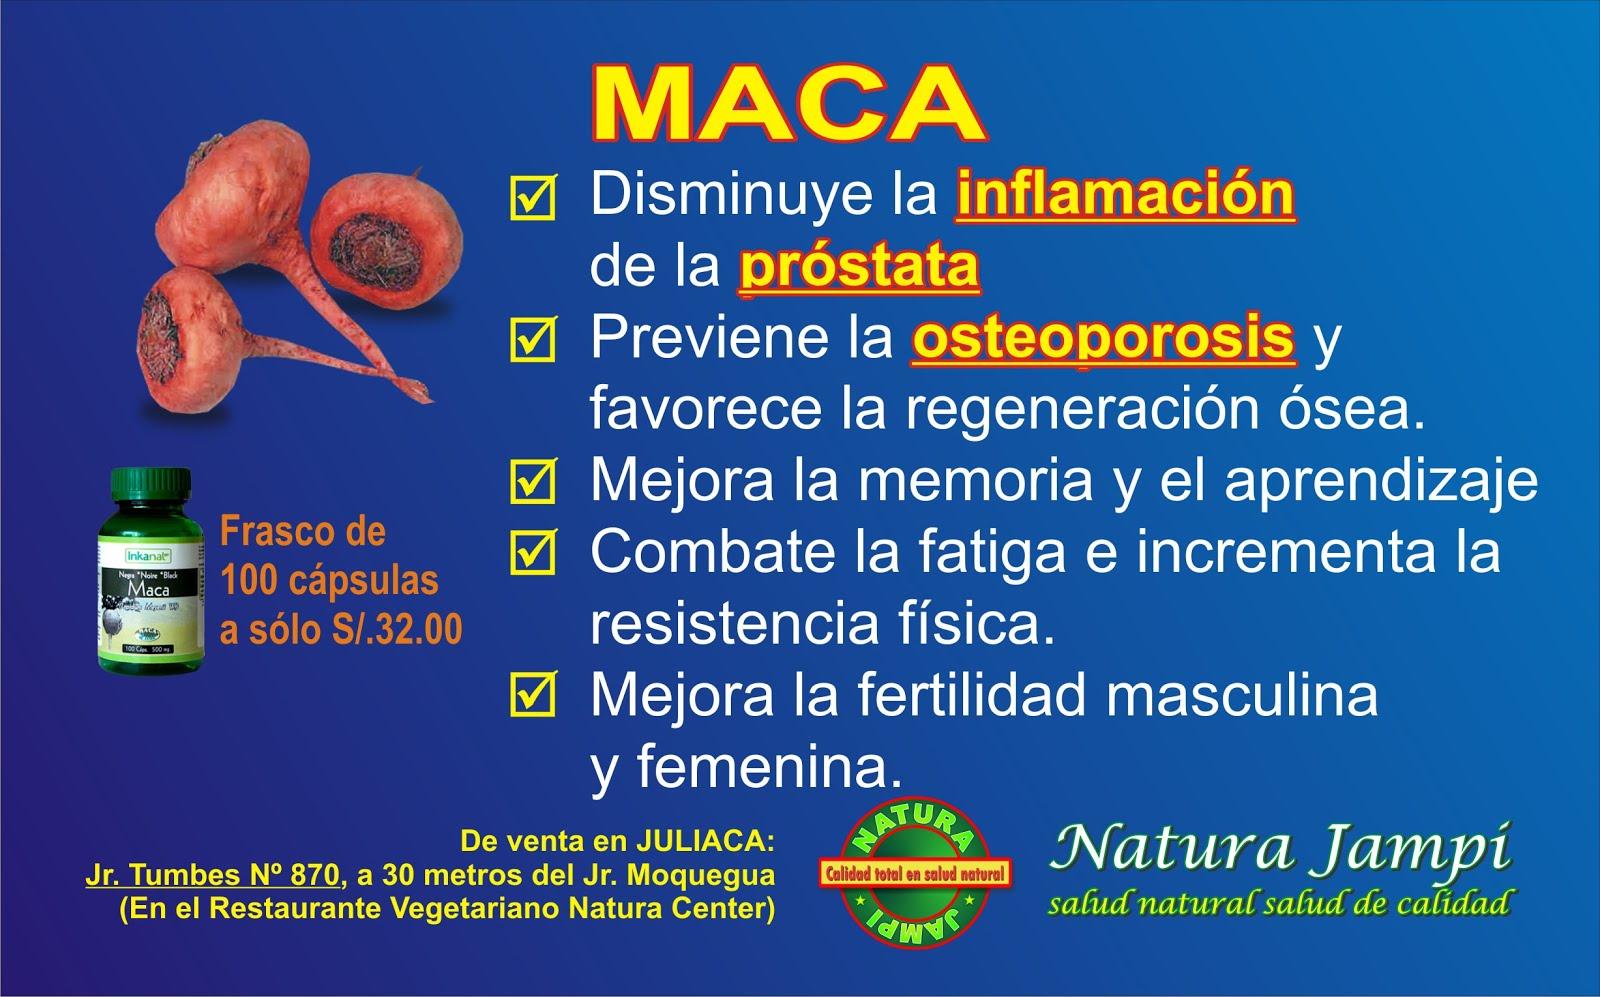 La MACA ayuda a desinflamar la PRÓSTATA. Frasco de 100 cápsulas a sólo 32 soles